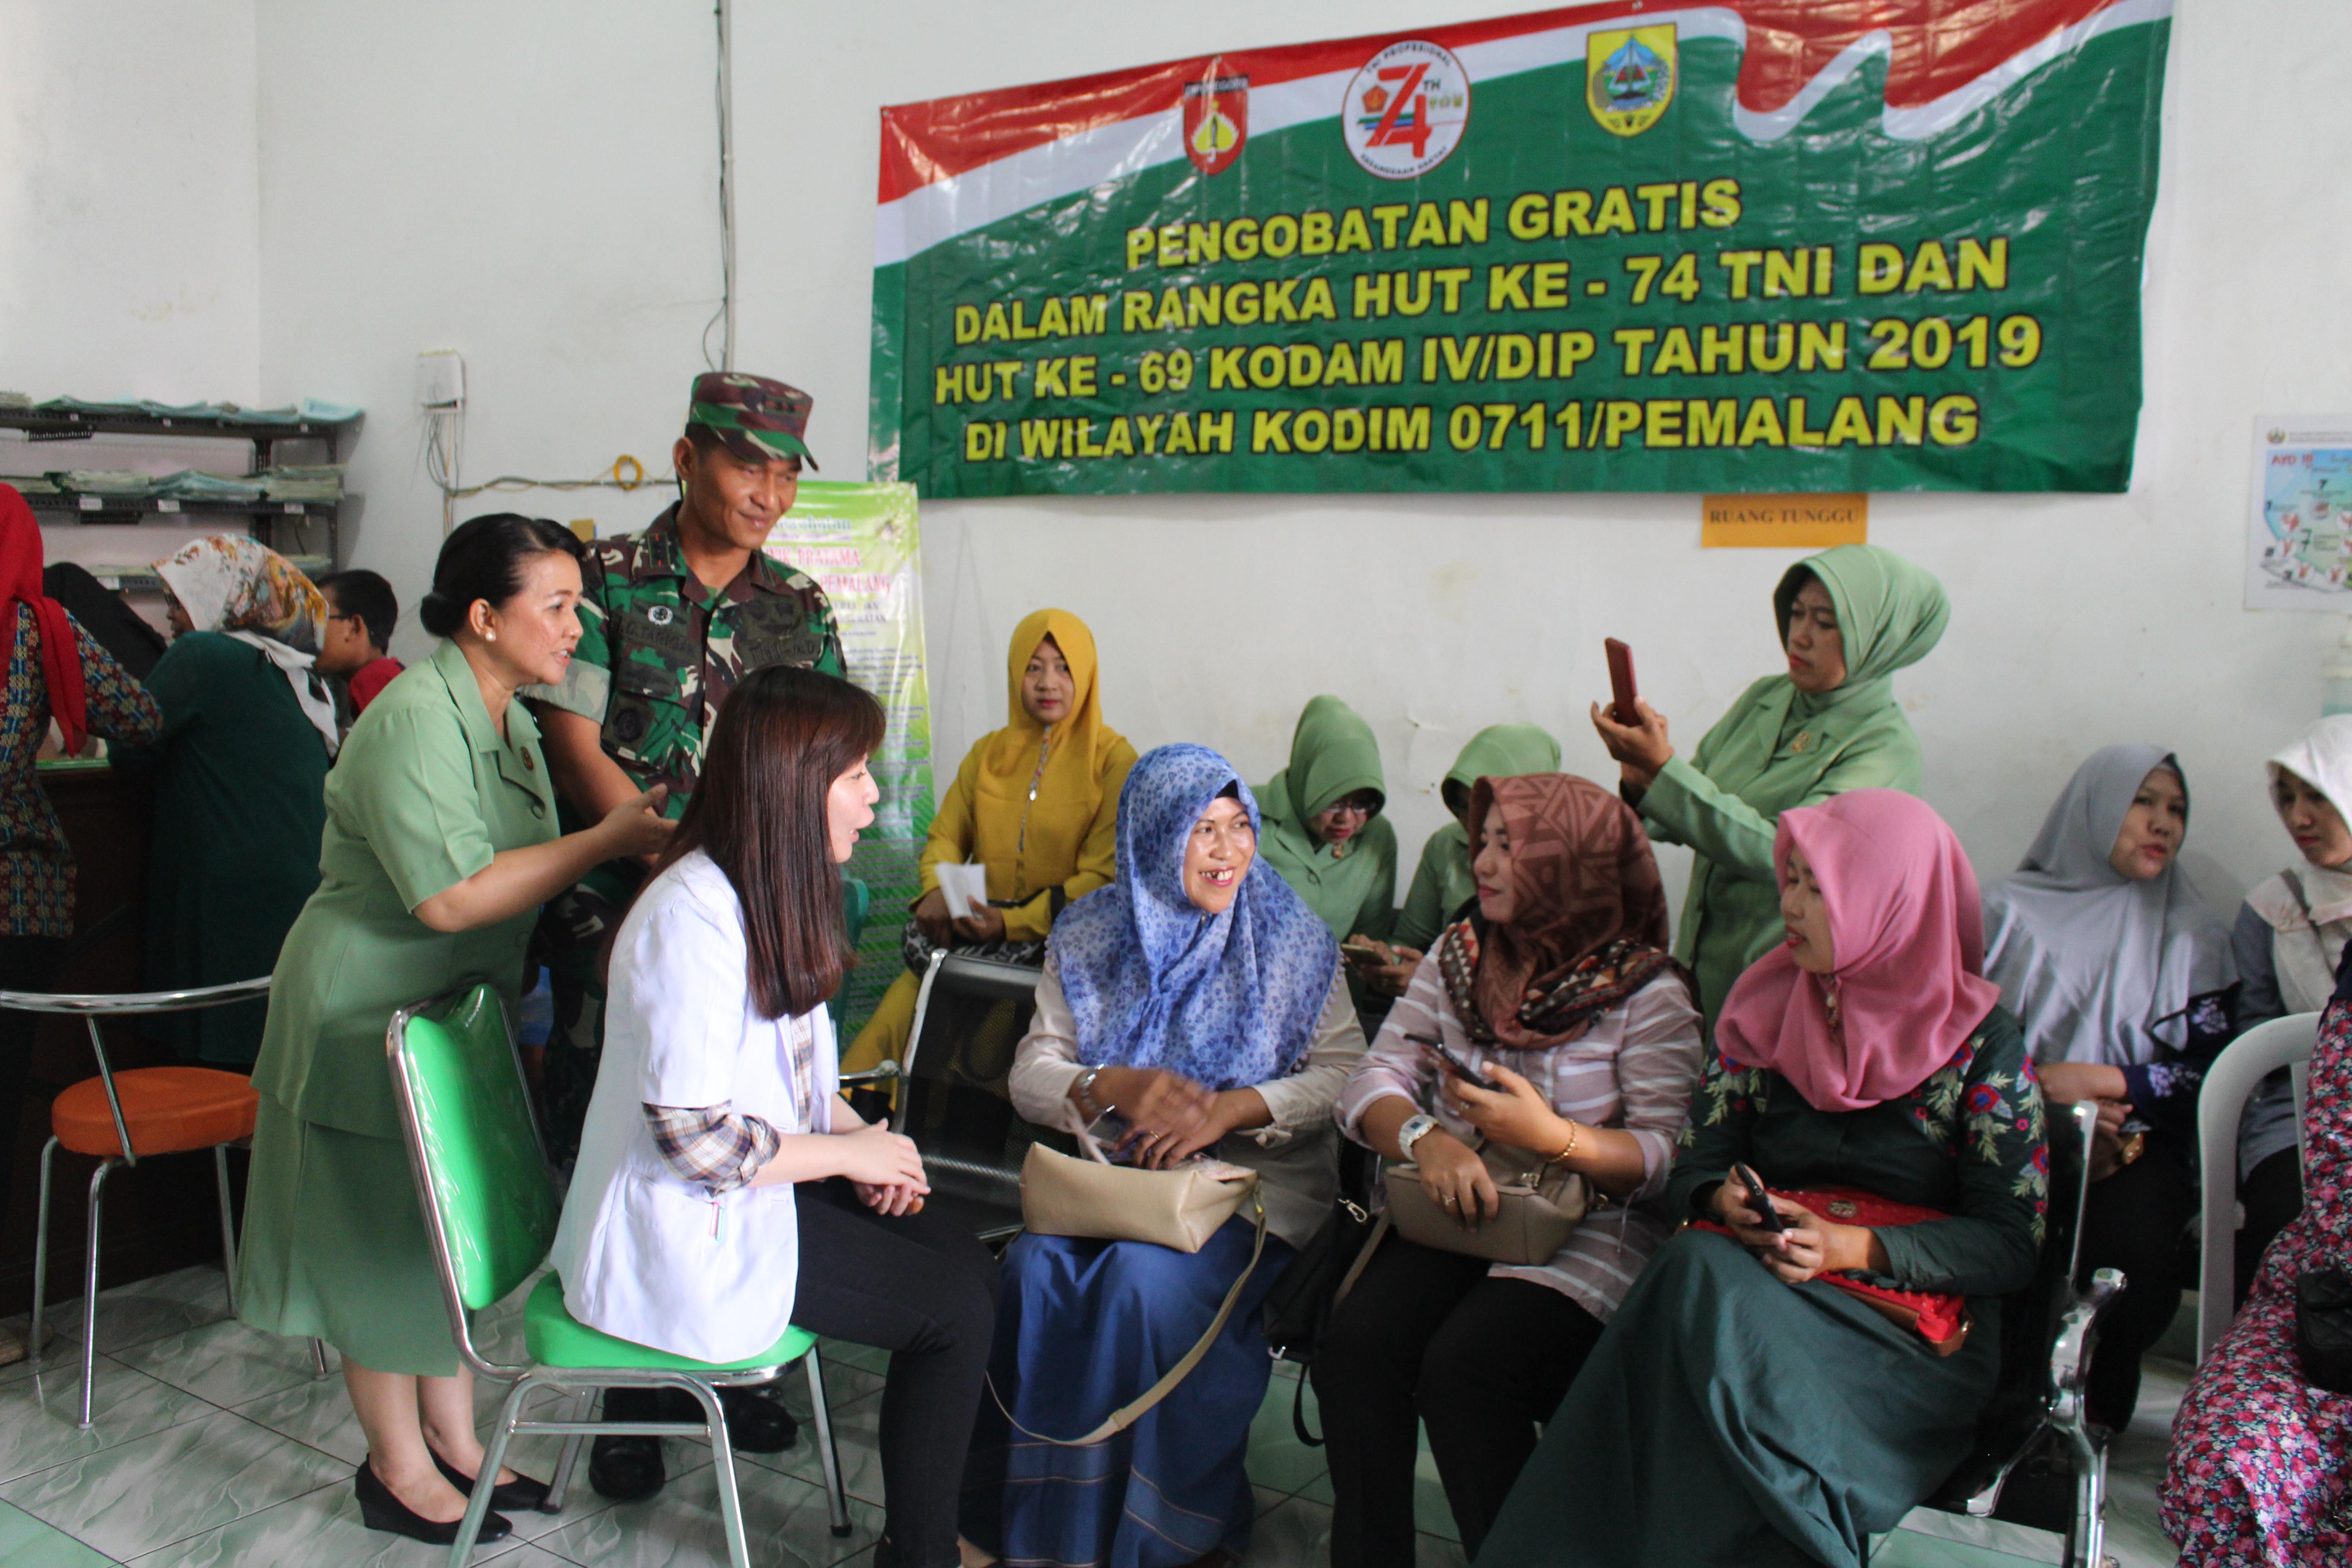 Peringati HUT ke 74 TNI dan ke 69 Kodam IV/Dip, Kodim 0711/Pemalang Gelar Pengobatan Gratis